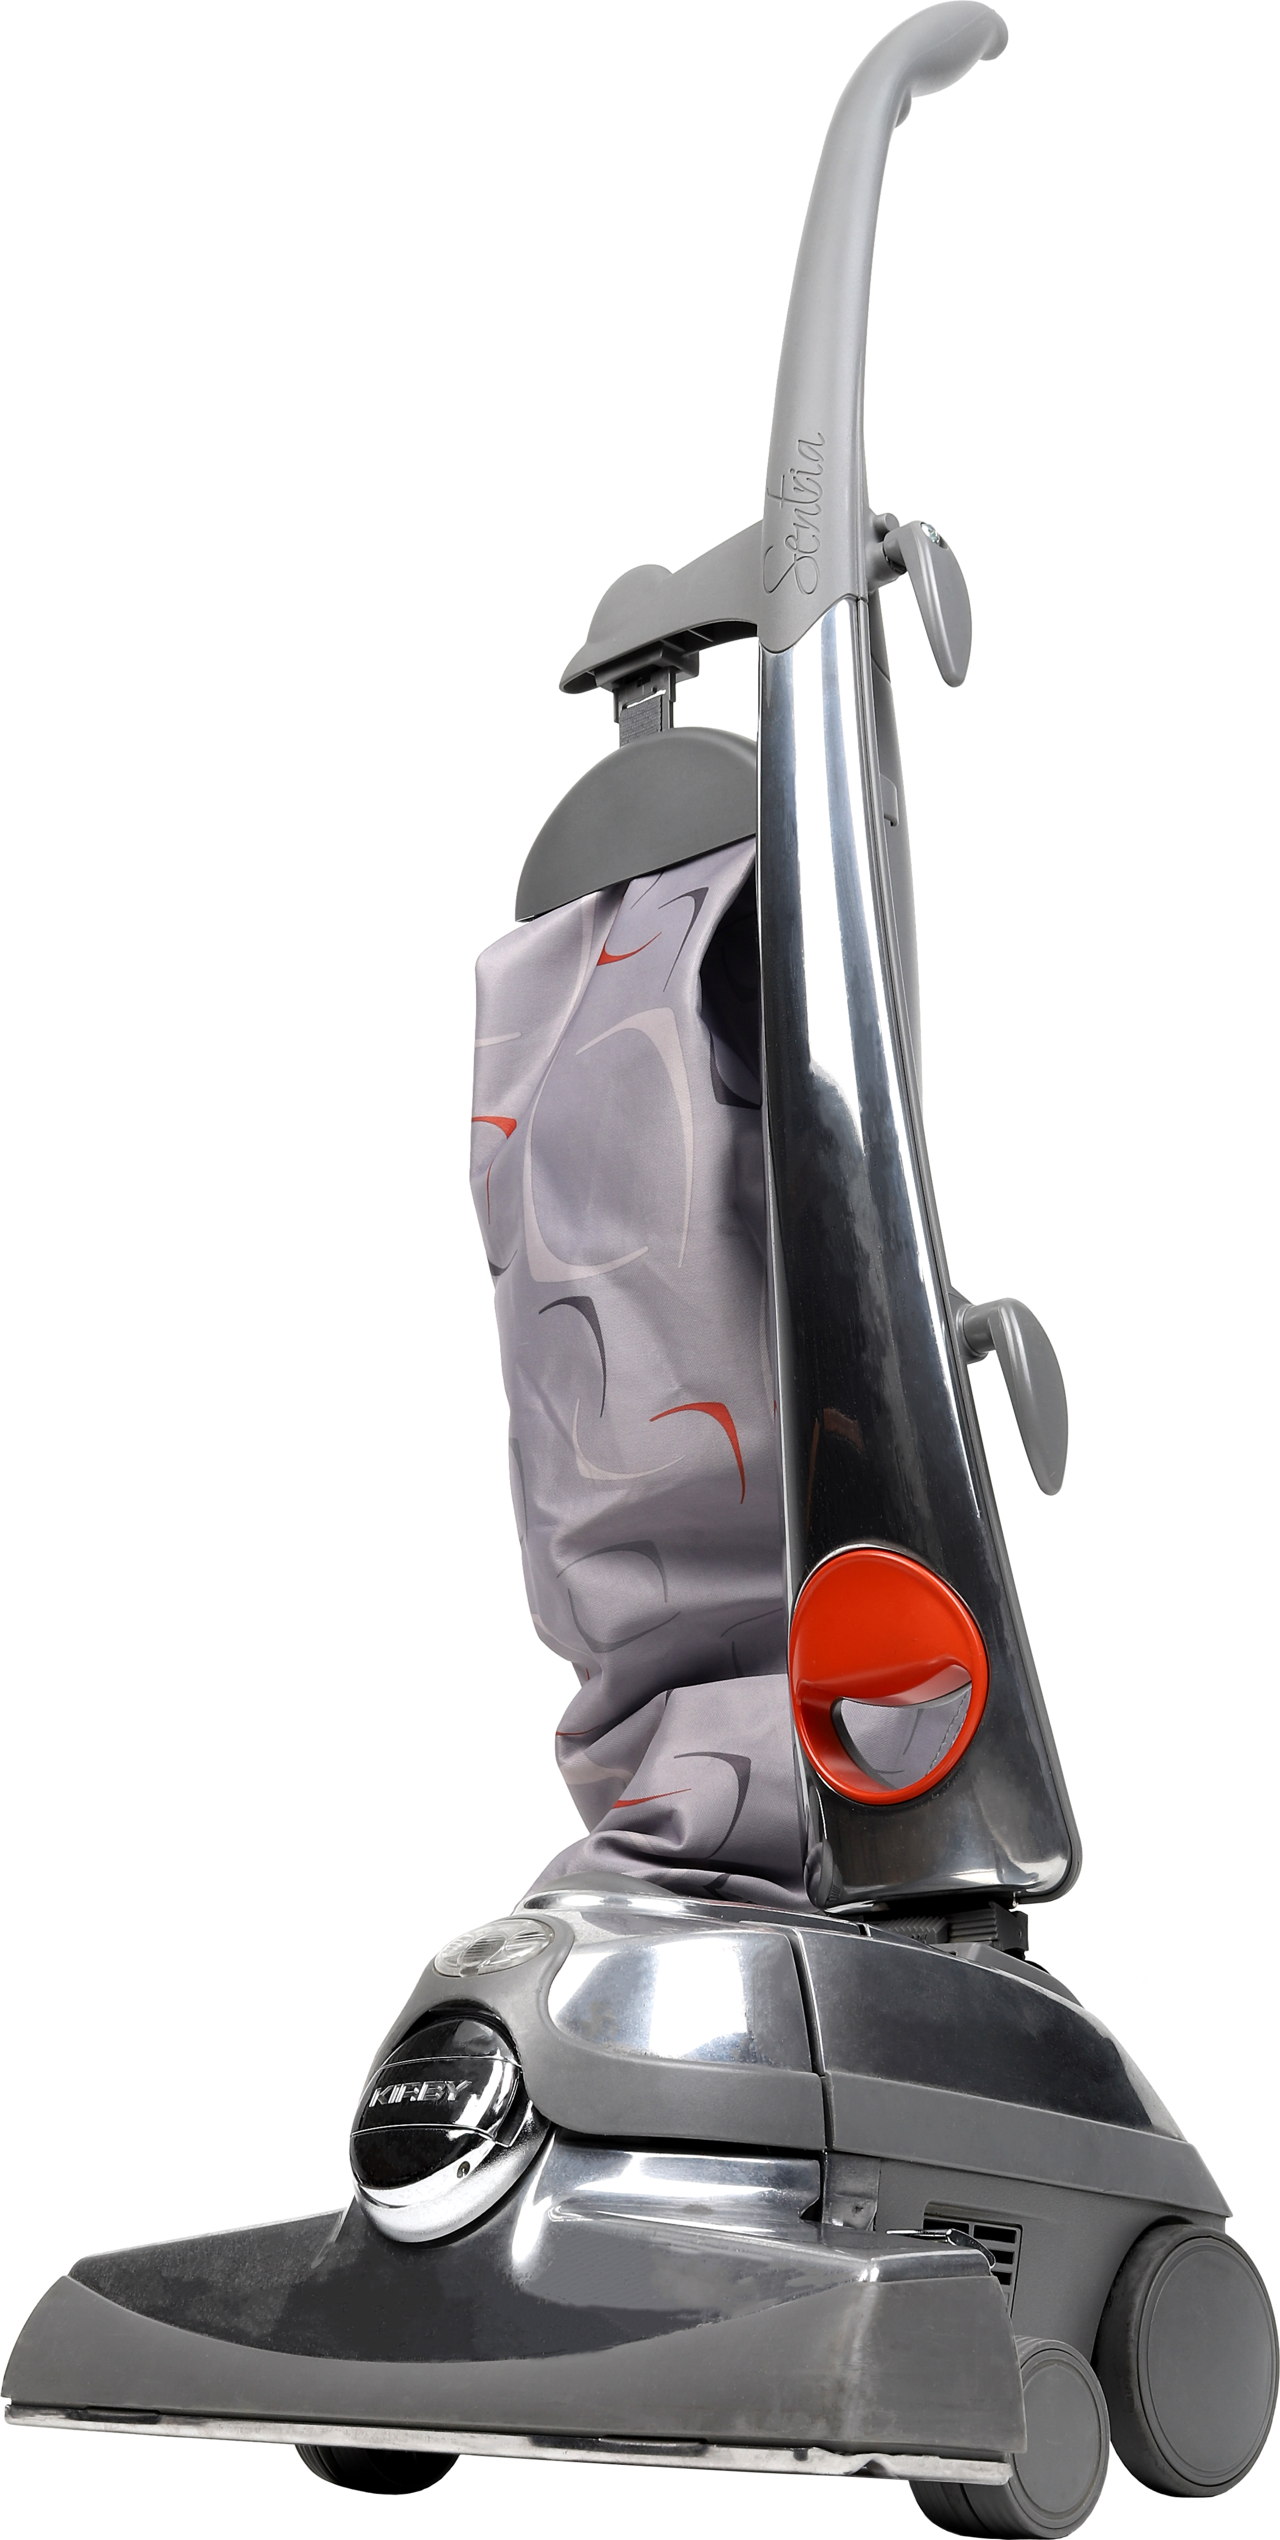 KIRBY청소기는 NASA의 기술로 완성된 전세계 55개국 이상의 청소 전문 업체들이 사용하는 제품으로 1분에 4,000회 회전하는 초강력 브러쉬롤이 특징입니다. 인스케어 클리닝에서는 주로 침구류와 카펫의 미세먼지, 집먼지 진드기를 친환경적으로 제거하는 데 주력 사용제품입니다.